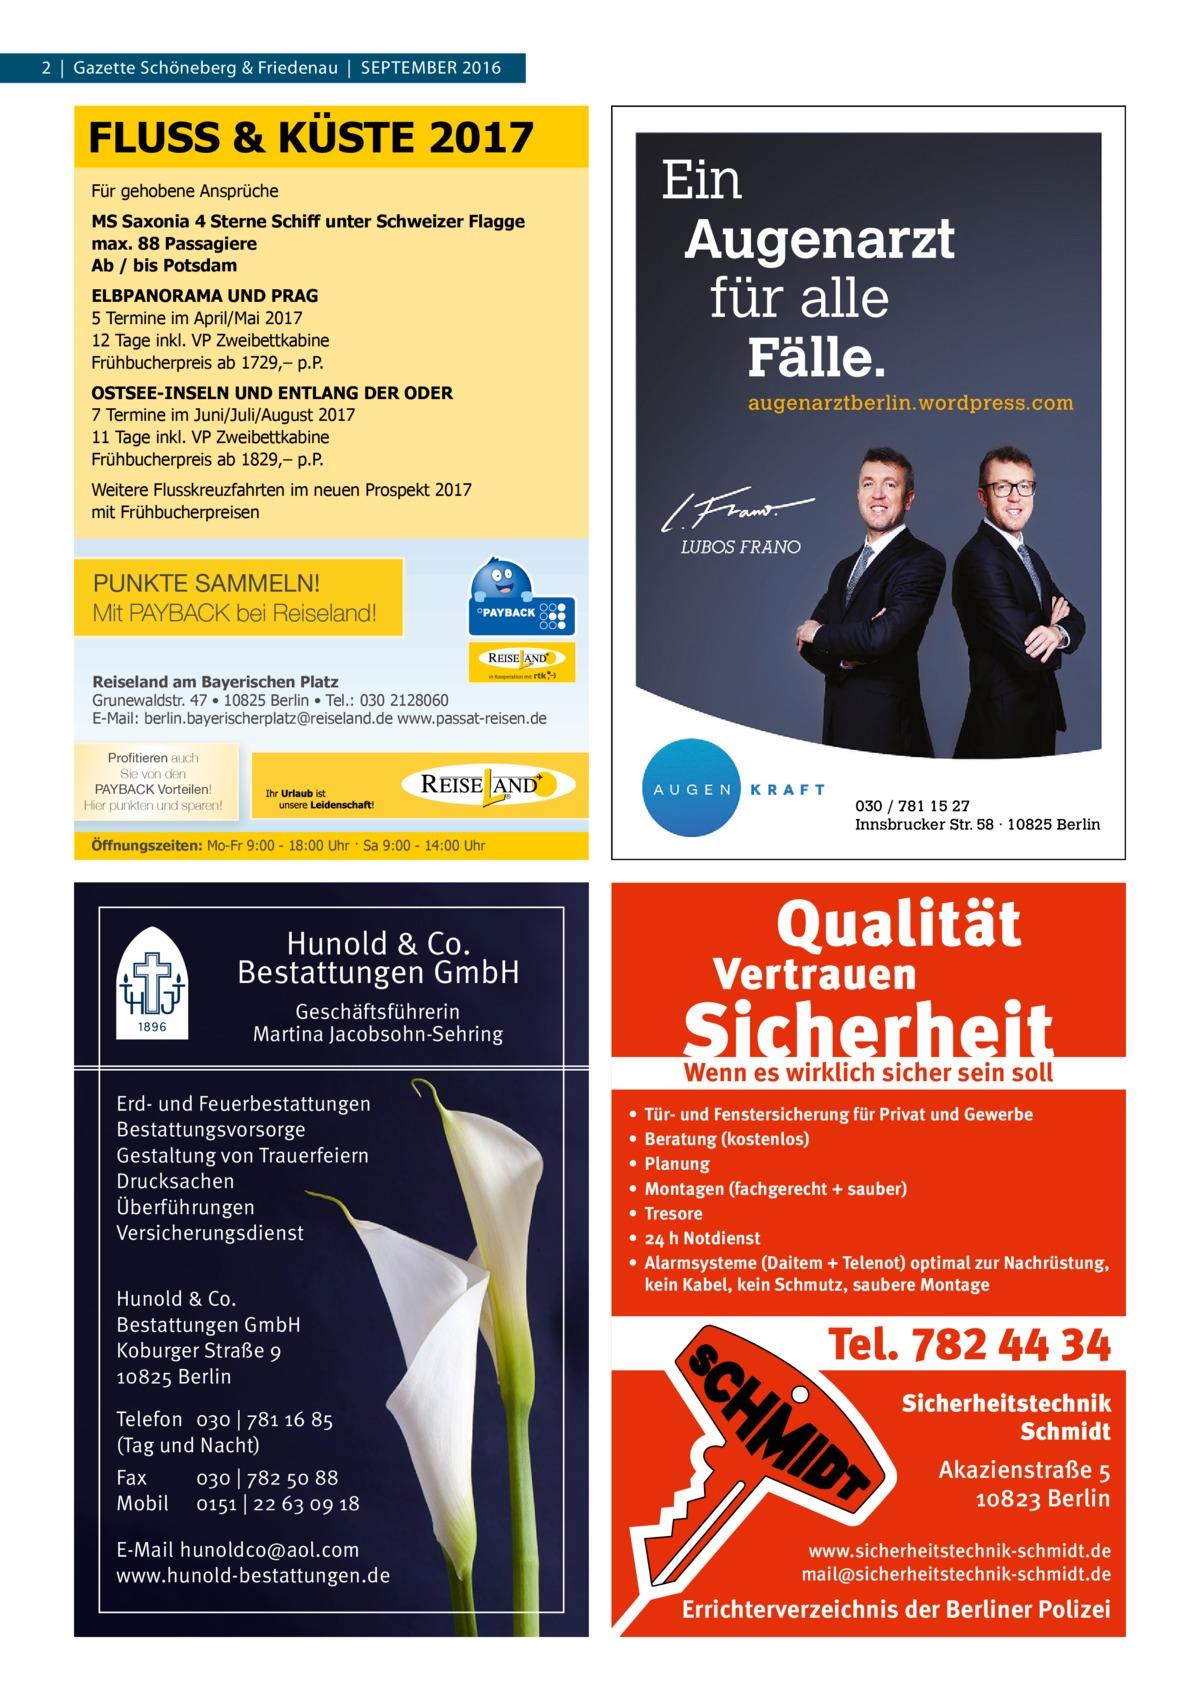 2|Gazette Schöneberg & Friedenau|September 2016  FLUSS & KÜSTE 2017  Ein Augenarzt für alle Fälle.  Für gehobene Ansprüche MS Saxonia 4 Sterne Schiff unter Schweizer Flagge max. 88 Passagiere Ab / bis Potsdam ELBPANORAMA UND PRAG 5 Termine im April/Mai 2017 12 Tage inkl. VP Zweibettkabine Frühbucherpreis ab 1729,– p.P. OSTSEE-INSELN UND ENTLANG DER ODER 7 Termine im Juni/Juli/August 2017 11 Tage inkl. VP Zweibettkabine Frühbucherpreis ab 1829,– p.P.  augenarztberlin.wordpress.com  Weitere Flusskreuzfahrten im neuen Prospekt 2017 mit Frühbucherpreisen  PUNKTE SAMMELN! Mit PAYBACK bei Reiseland! Reiseland am Bayerischen Platz Grunewaldstr. 47 • 10825 Berlin • Tel.: 030 2128060 E-Mail: berlin.bayerischerplatz@reiseland.de www.passat-reisen.de 7YVÄ�[PLYLU auch Sie von den 7(@)(*2�=VY[LPSLU! Hier punkten und sparen!  030 / 781 15 27 Innsbrucker Str. 58 · 10825 Berlin  Öffnungszeiten: Mo-Fr 9:00 - 18:00 Uhr · Sa 9:00 - 14:00 Uhr  Hunold & Co. Bestattungen GmbH Geschäftsführerin Martina Jacobsohn-Sehring Erd- und Feuerbestattungen Bestattungsvorsorge Gestaltung von Trauerfeiern Drucksachen Überführungen Versicherungsdienst Hunold & Co. Bestattungen GmbH Koburger Straße 9 10825 Berlin Telefon 030 | 781 16 85 (Tag und Nacht) Fax Mobil  030 | 782 50 88 0151 | 22 63 09 18  E-Mail hunoldco@aol.com www.hunold-bestattungen.de  Wenn es wirklich sicher sein soll • • • • • • •  Tür- und Fenstersicherung für Privat und Gewerbe Beratung (kostenlos) Planung Montagen (fachgerecht + sauber) Tresore 24 h Notdienst Alarmsysteme (Daitem + Telenot) optimal zur Nachrüstung, kein Kabel, kein Schmutz, saubere Montage  Tel. 782 44 34 Sicherheitstechnik Schmidt Akazienstraße 5 10823 Berlin www.sicherheitstechnik-schmidt.de mail@sicherheitstechnik-schmidt.de  Errichterverzeichnis der Berliner Polizei